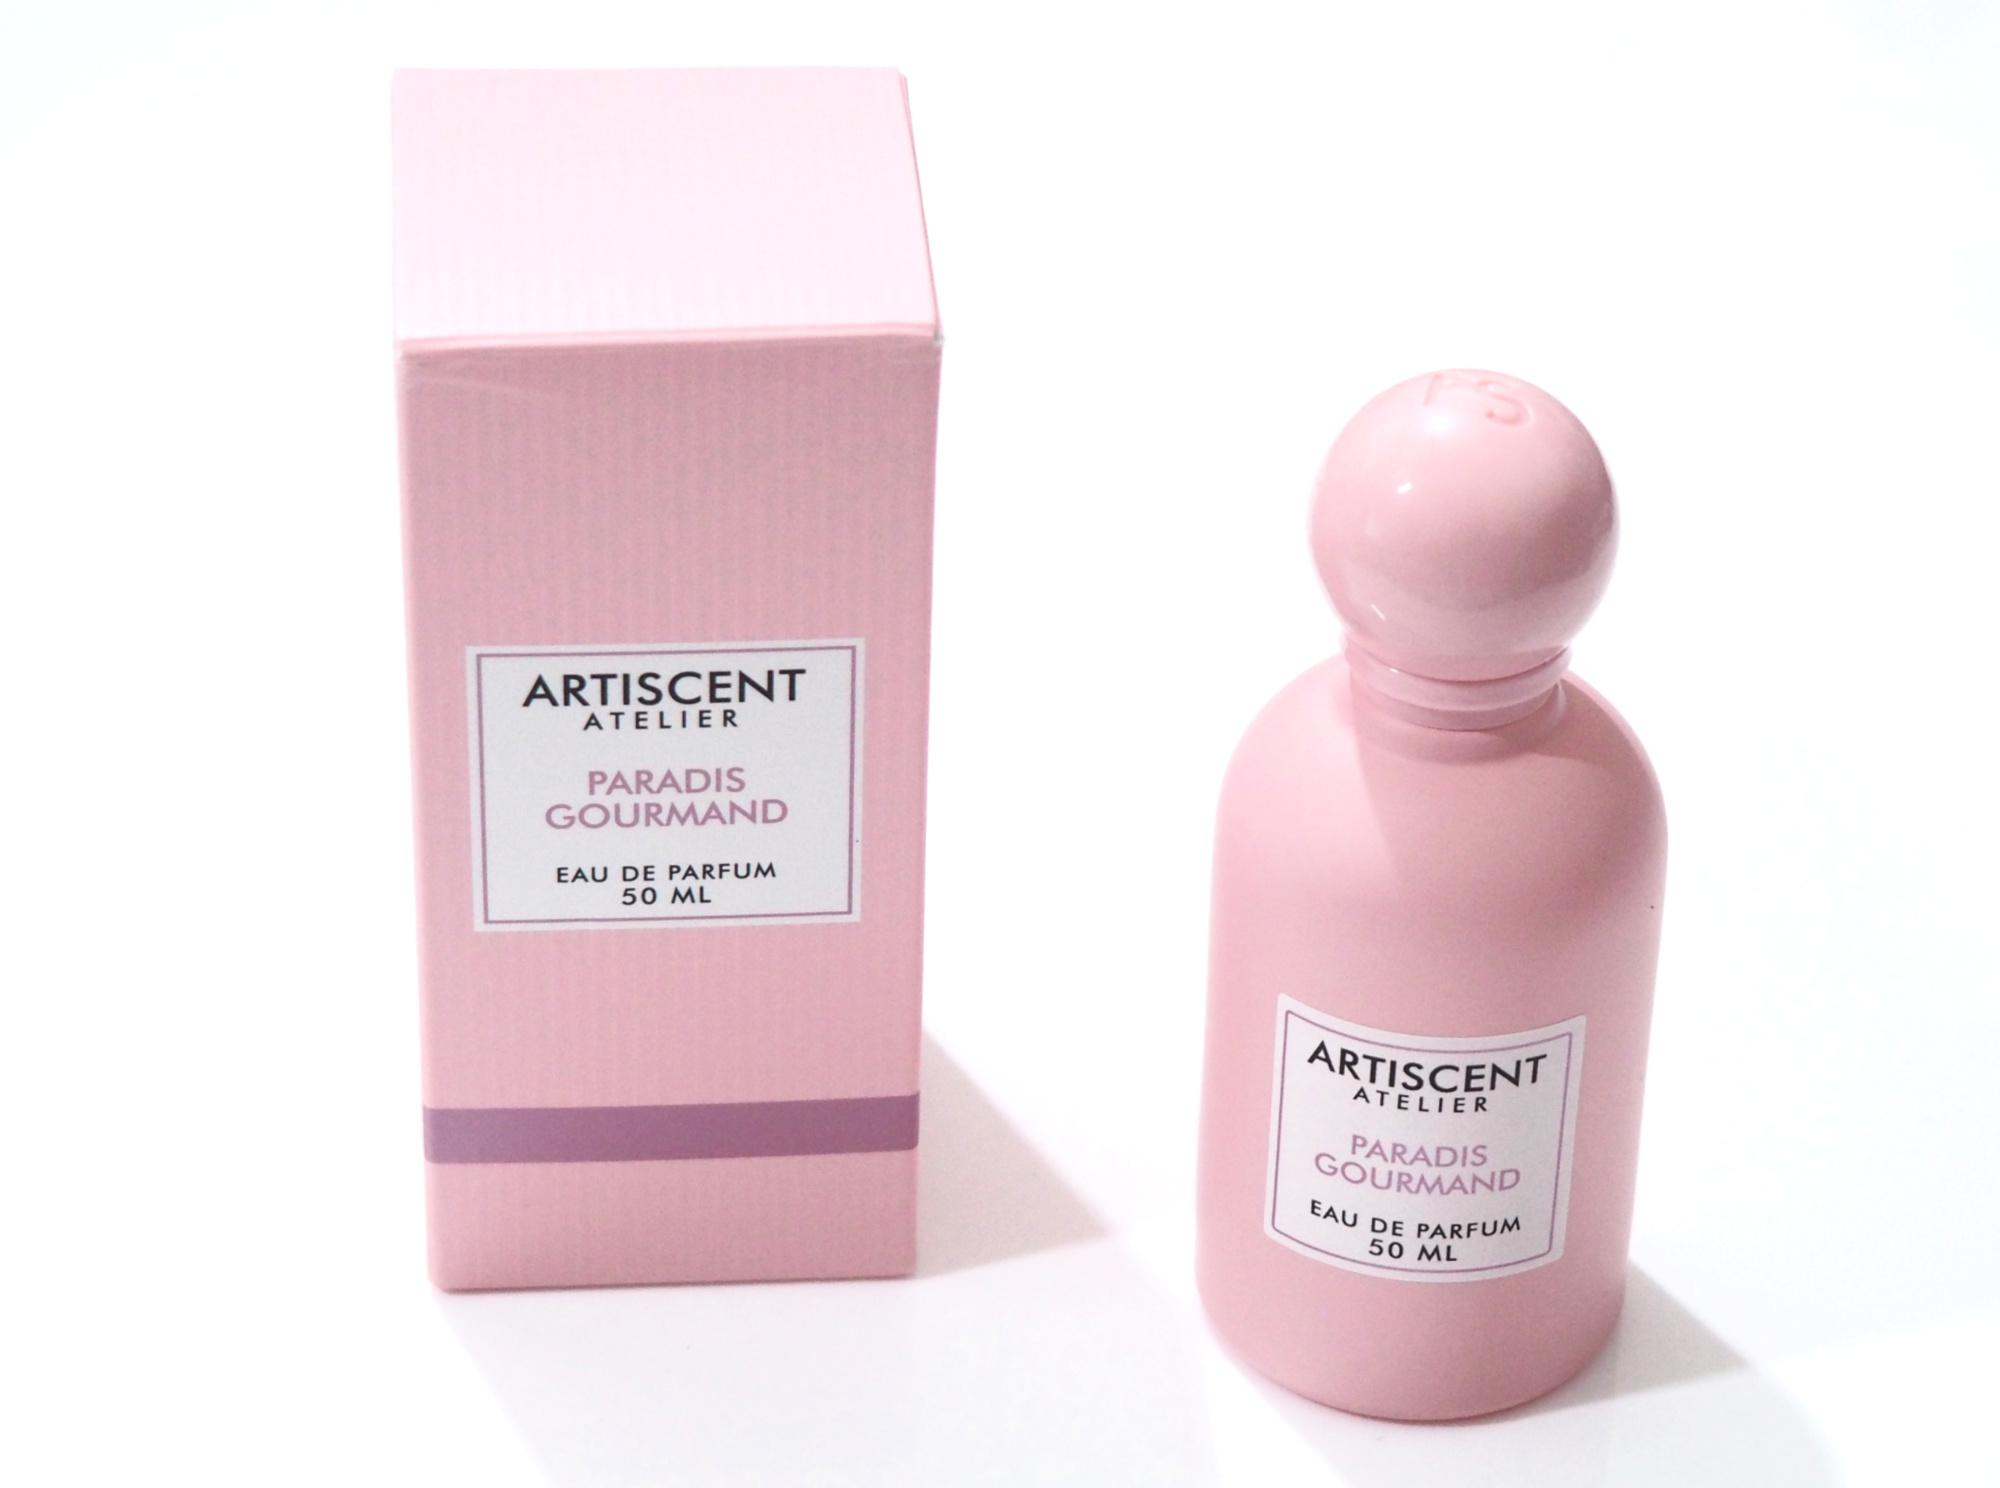 Artiscent Atelier Paradis Gourmand Eau de Parfum